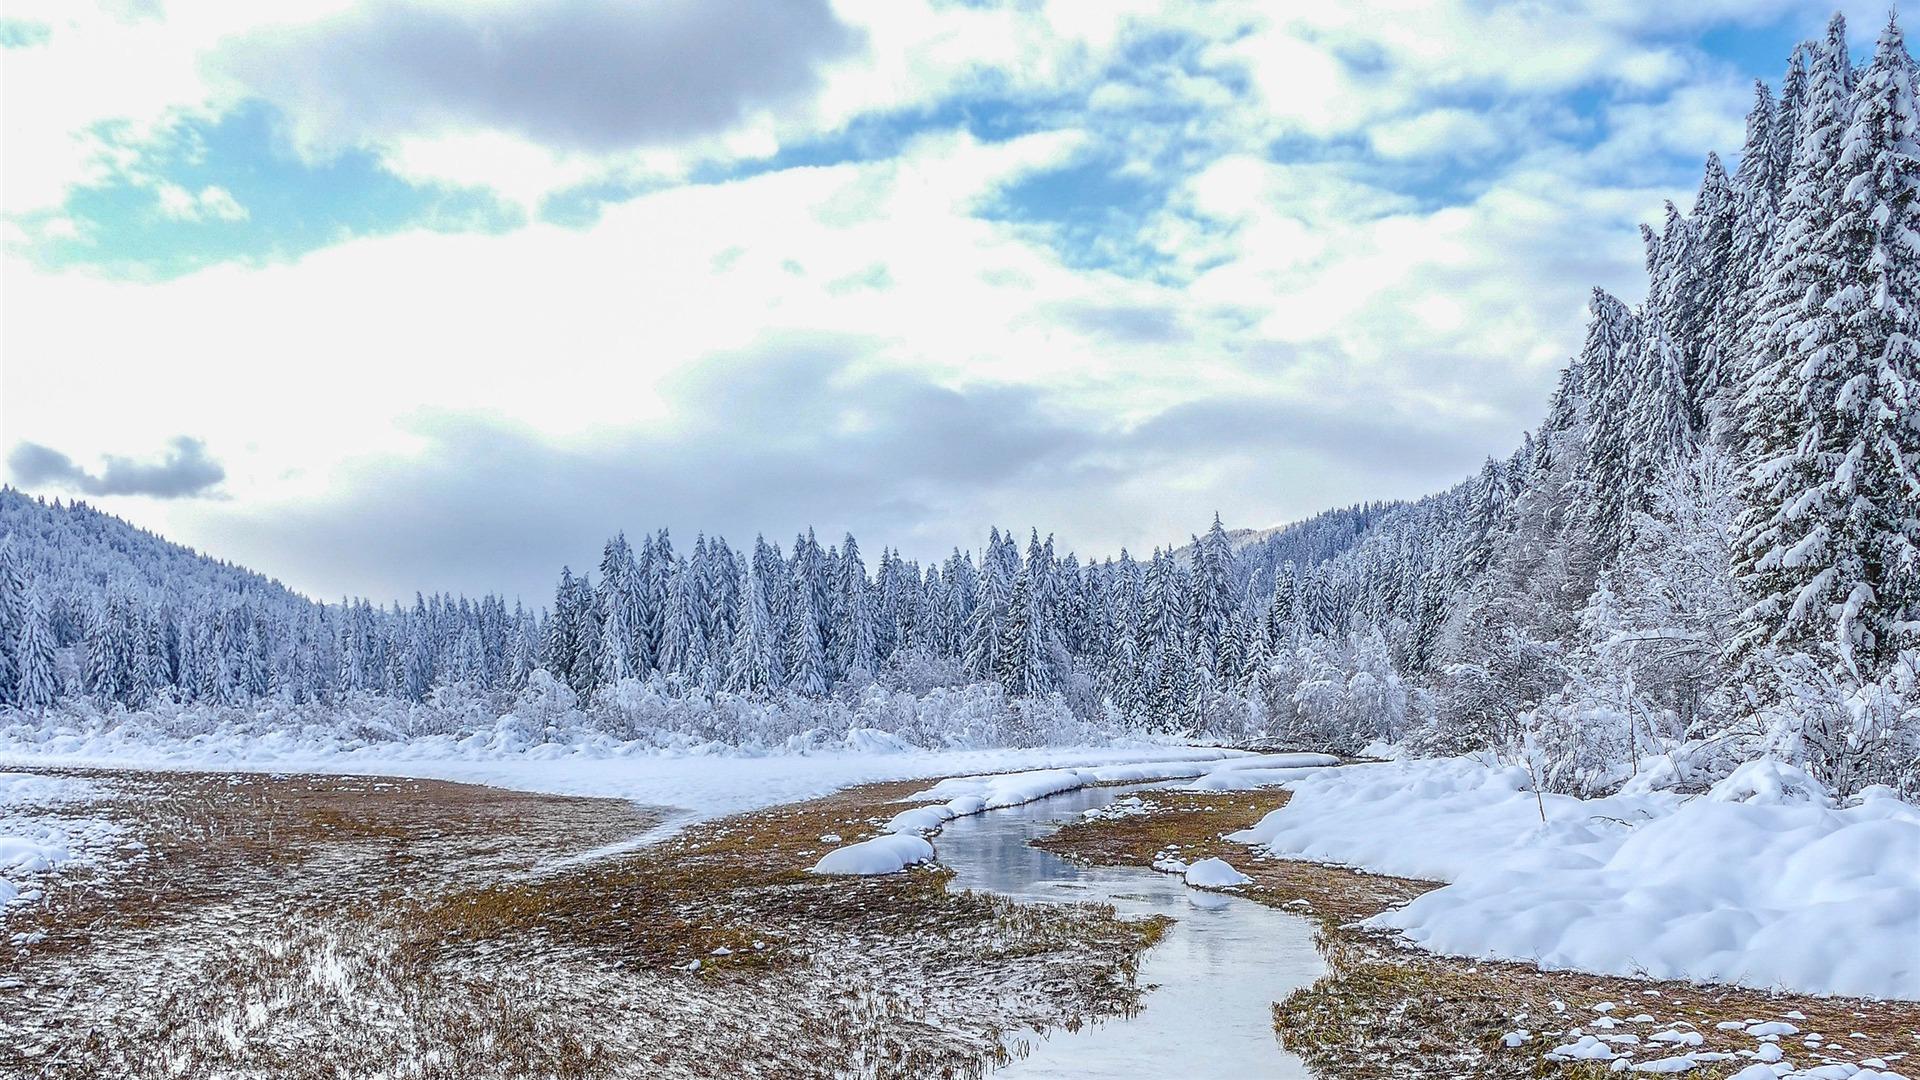 2018年,冬季,森林,河流,云杉,雪预览 10wallpaper Com